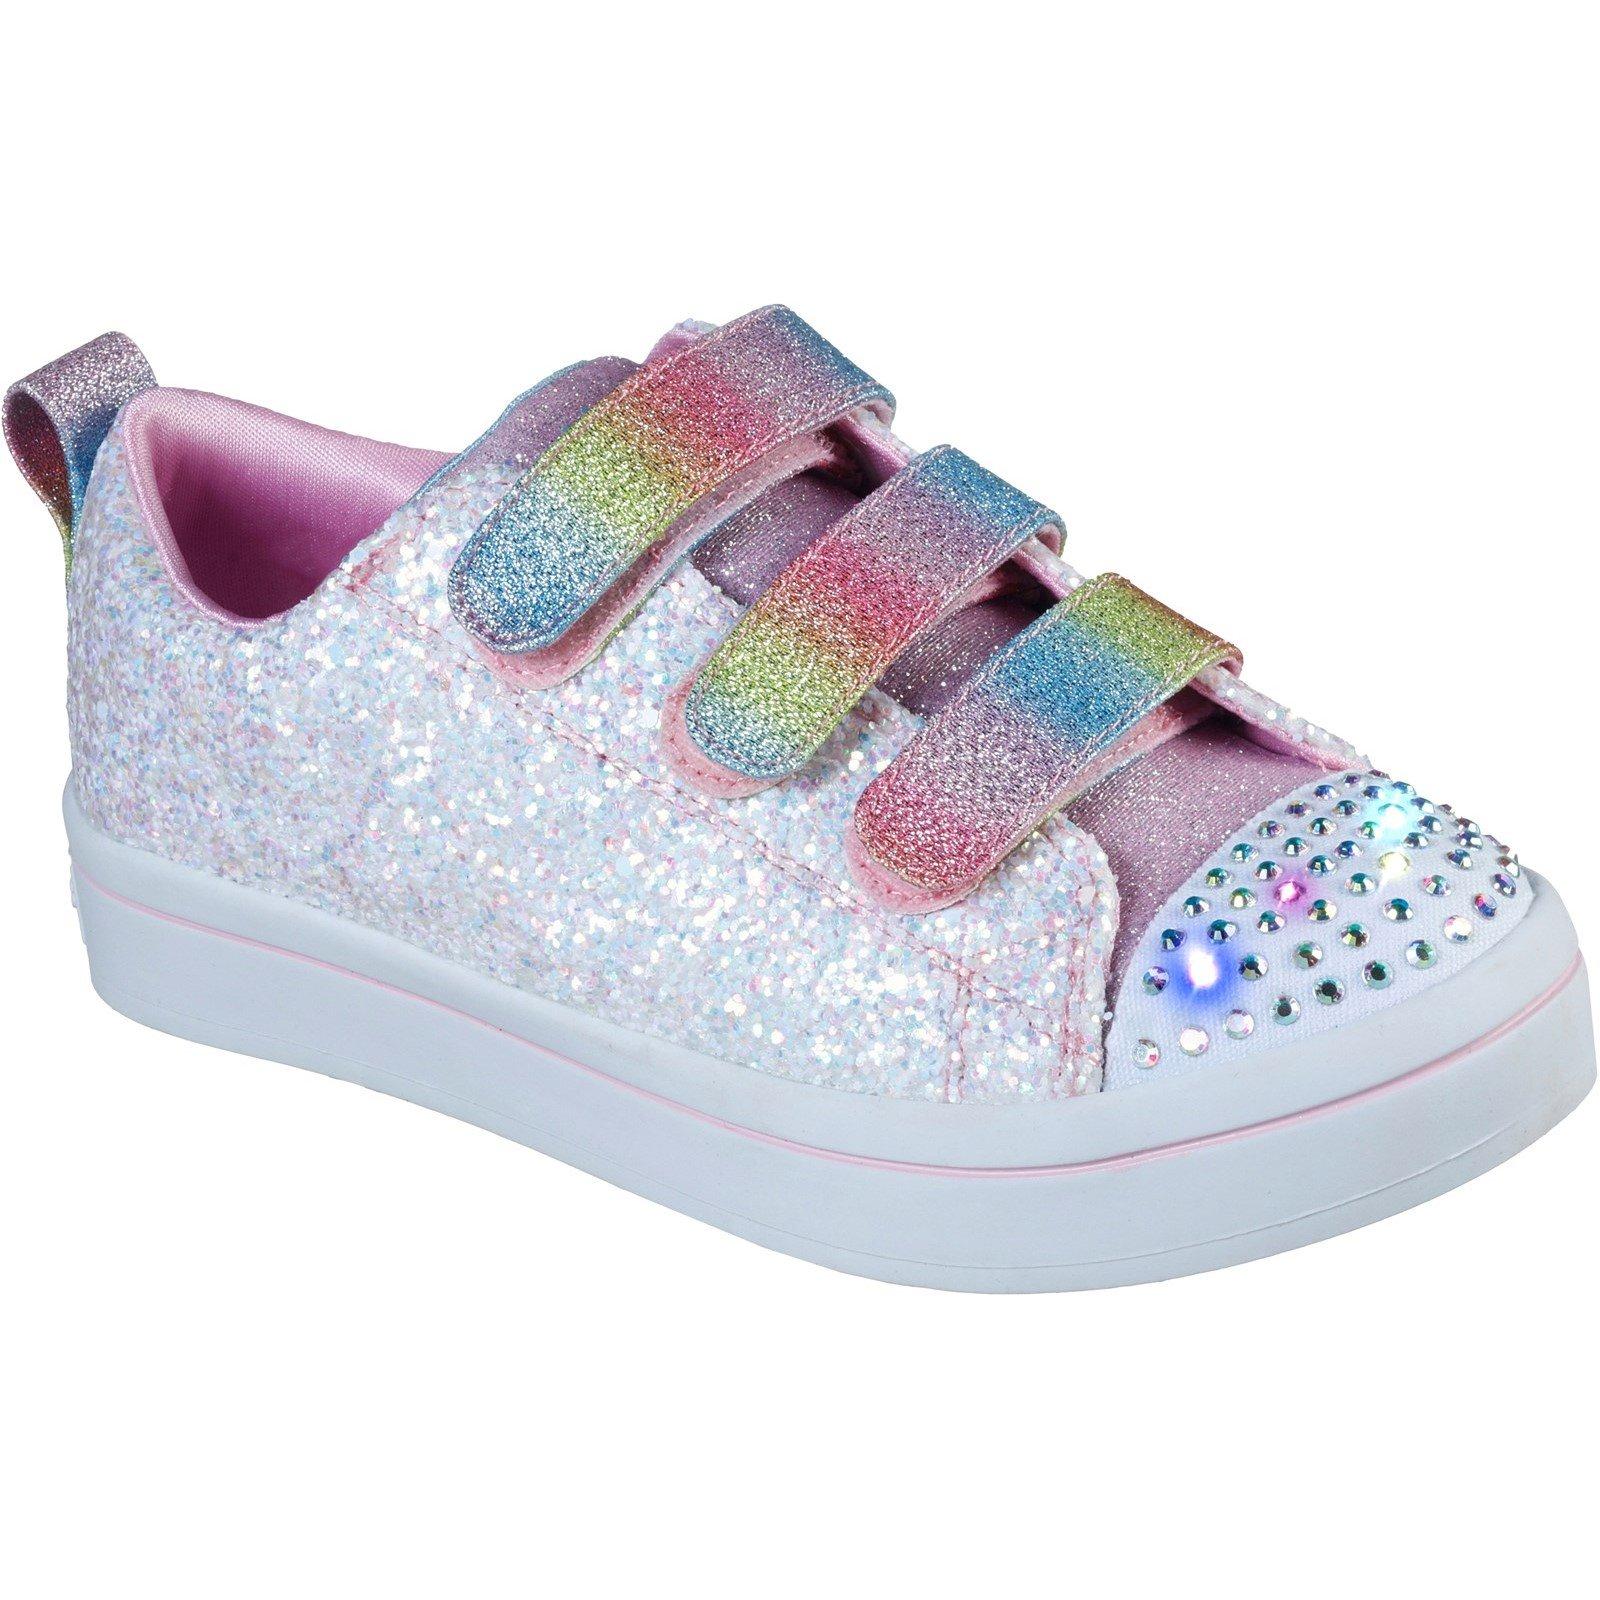 Skechers Kid's Twi-Lites Glitter Glitz Trainer Multicolor 31895 - White/Multi 1.5